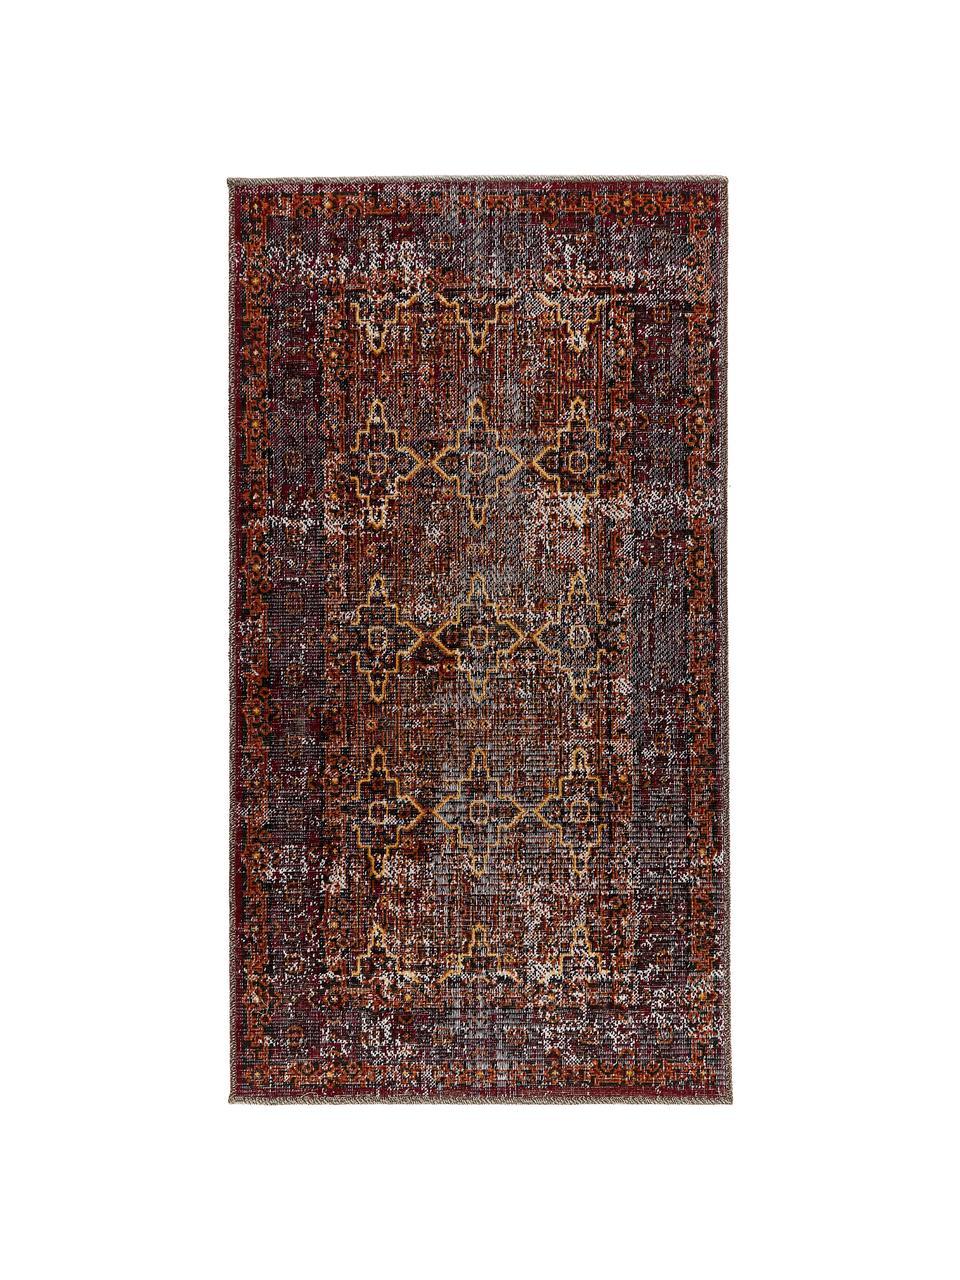 Vnitřní a venkovní koberec v orientálním styul Tilas Izmir, Švestková, hořčičná žlutá, khaki